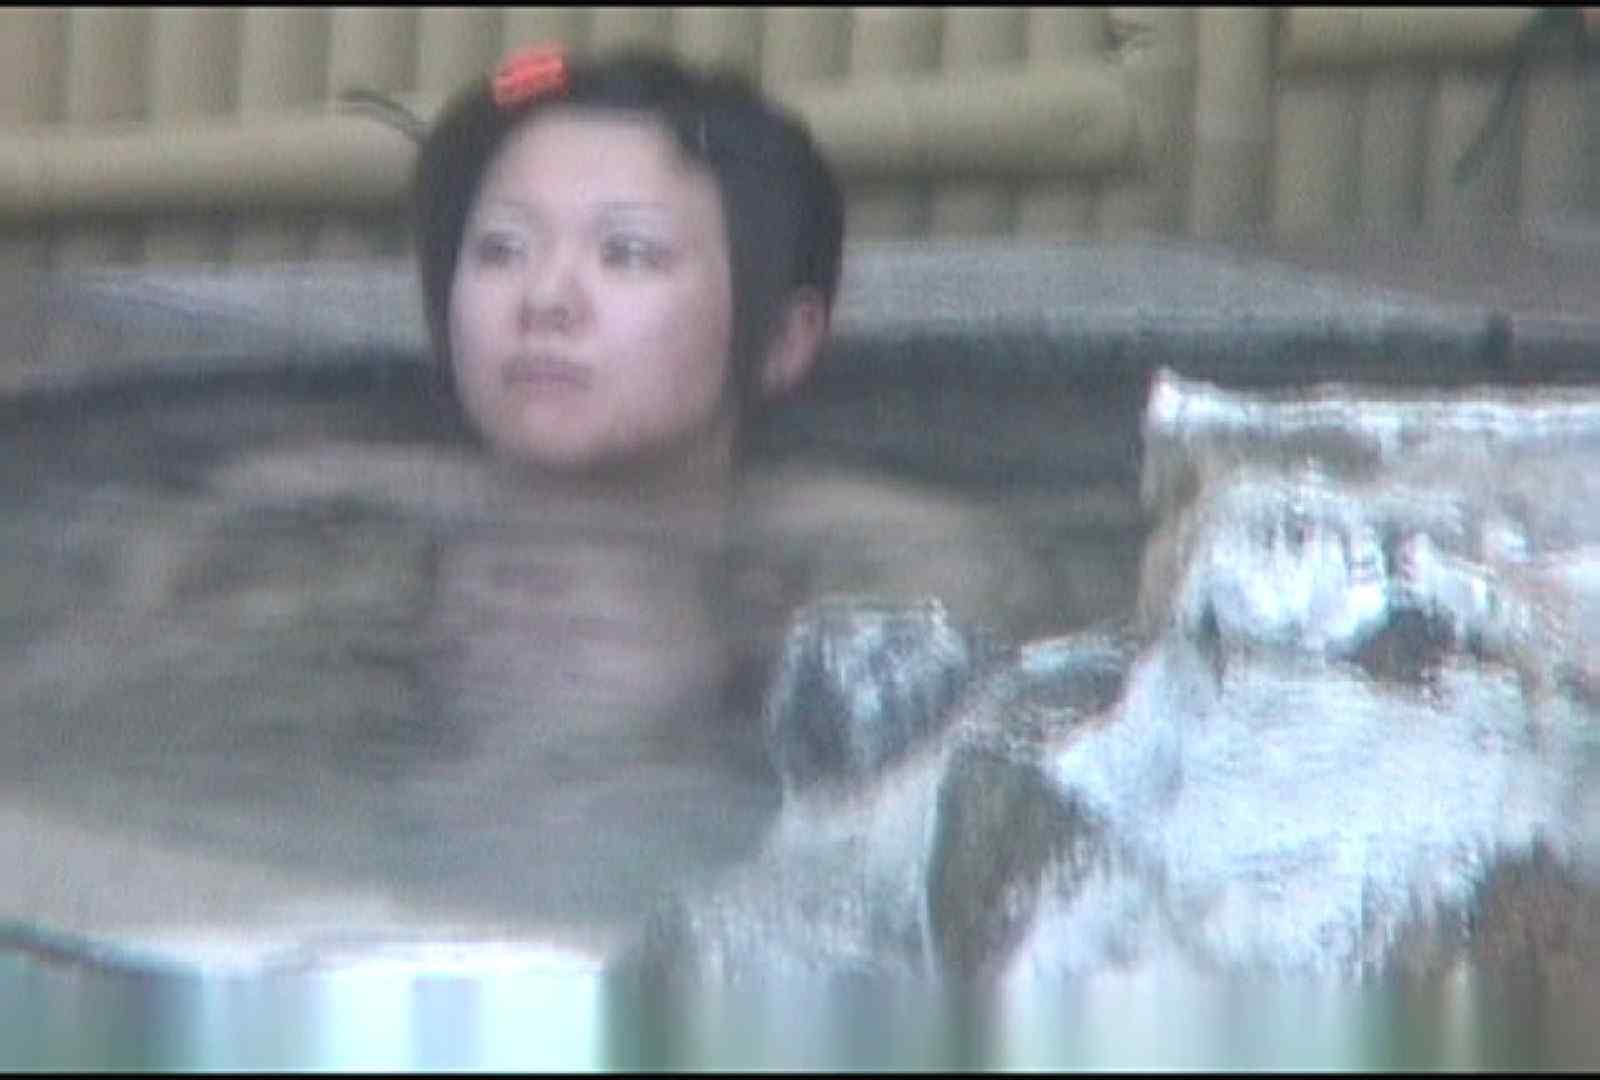 Aquaな露天風呂Vol.175 盗撮 オメコ動画キャプチャ 99枚 83